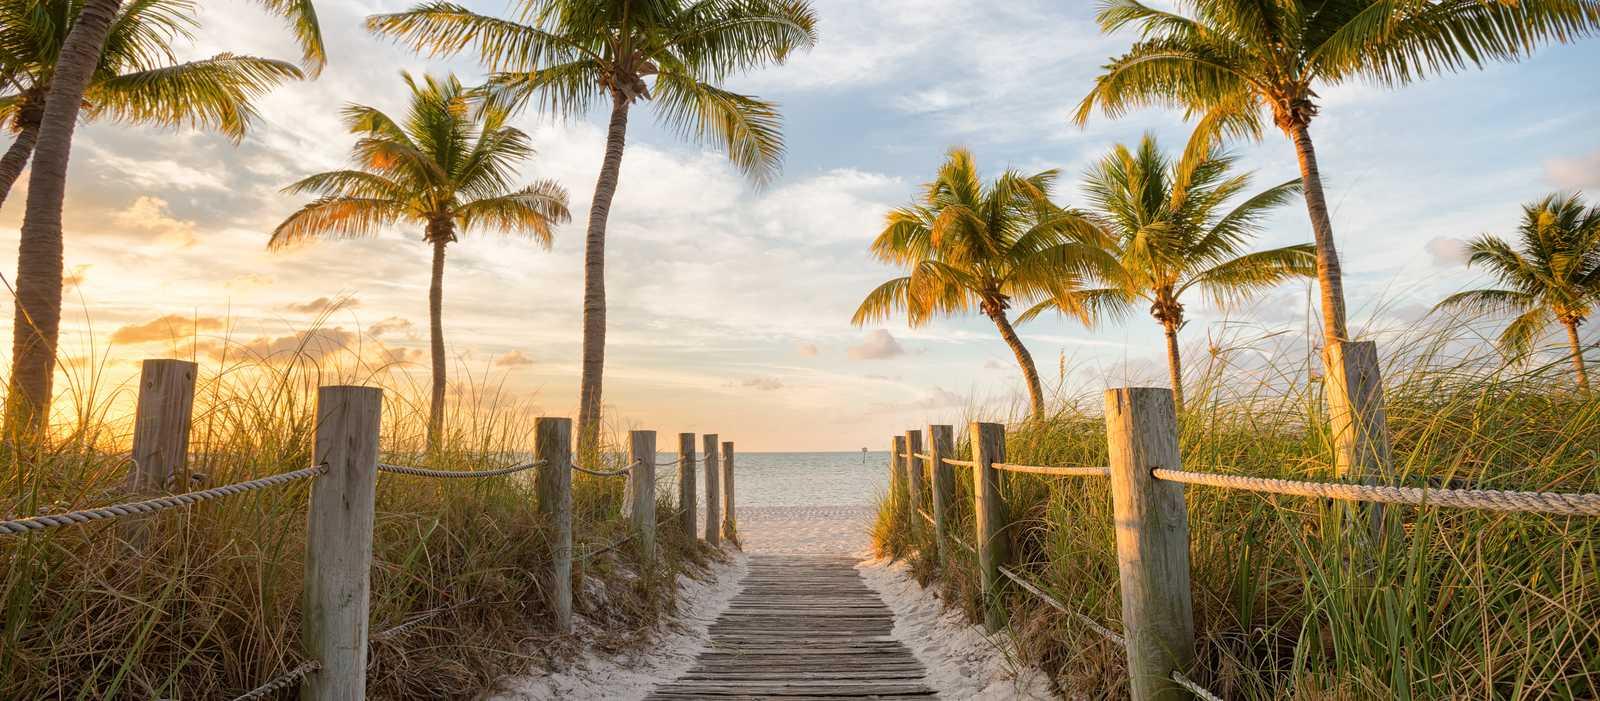 Ein Fußweg zum Smathers Beach bei Sonnenaufgang in Key West, Florida